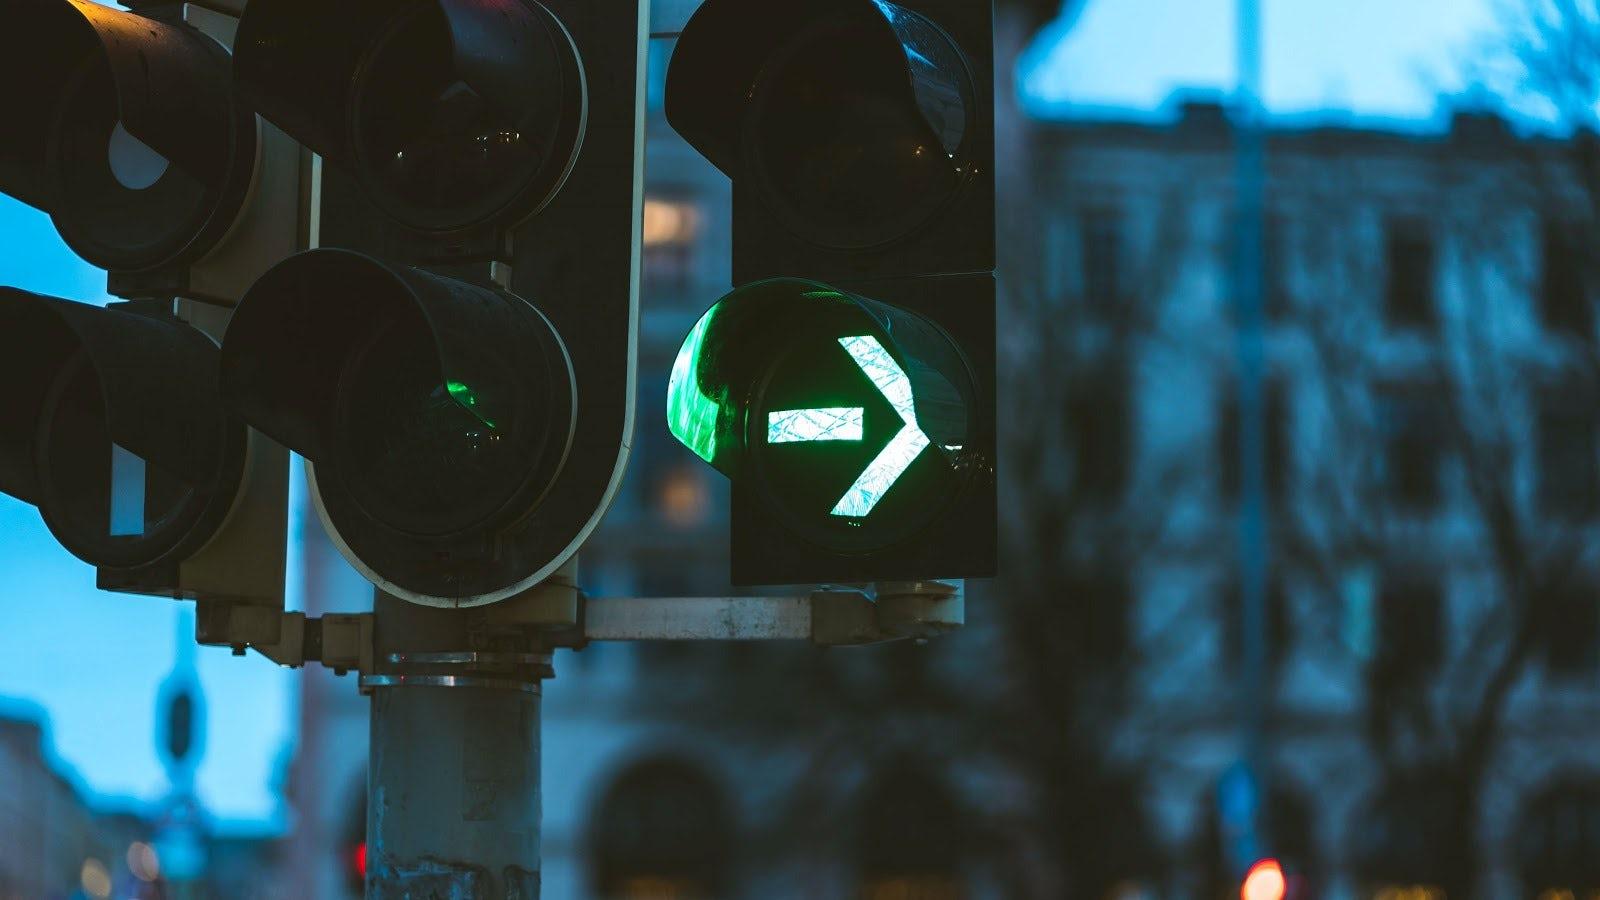 Trafikljus som visar grön pil